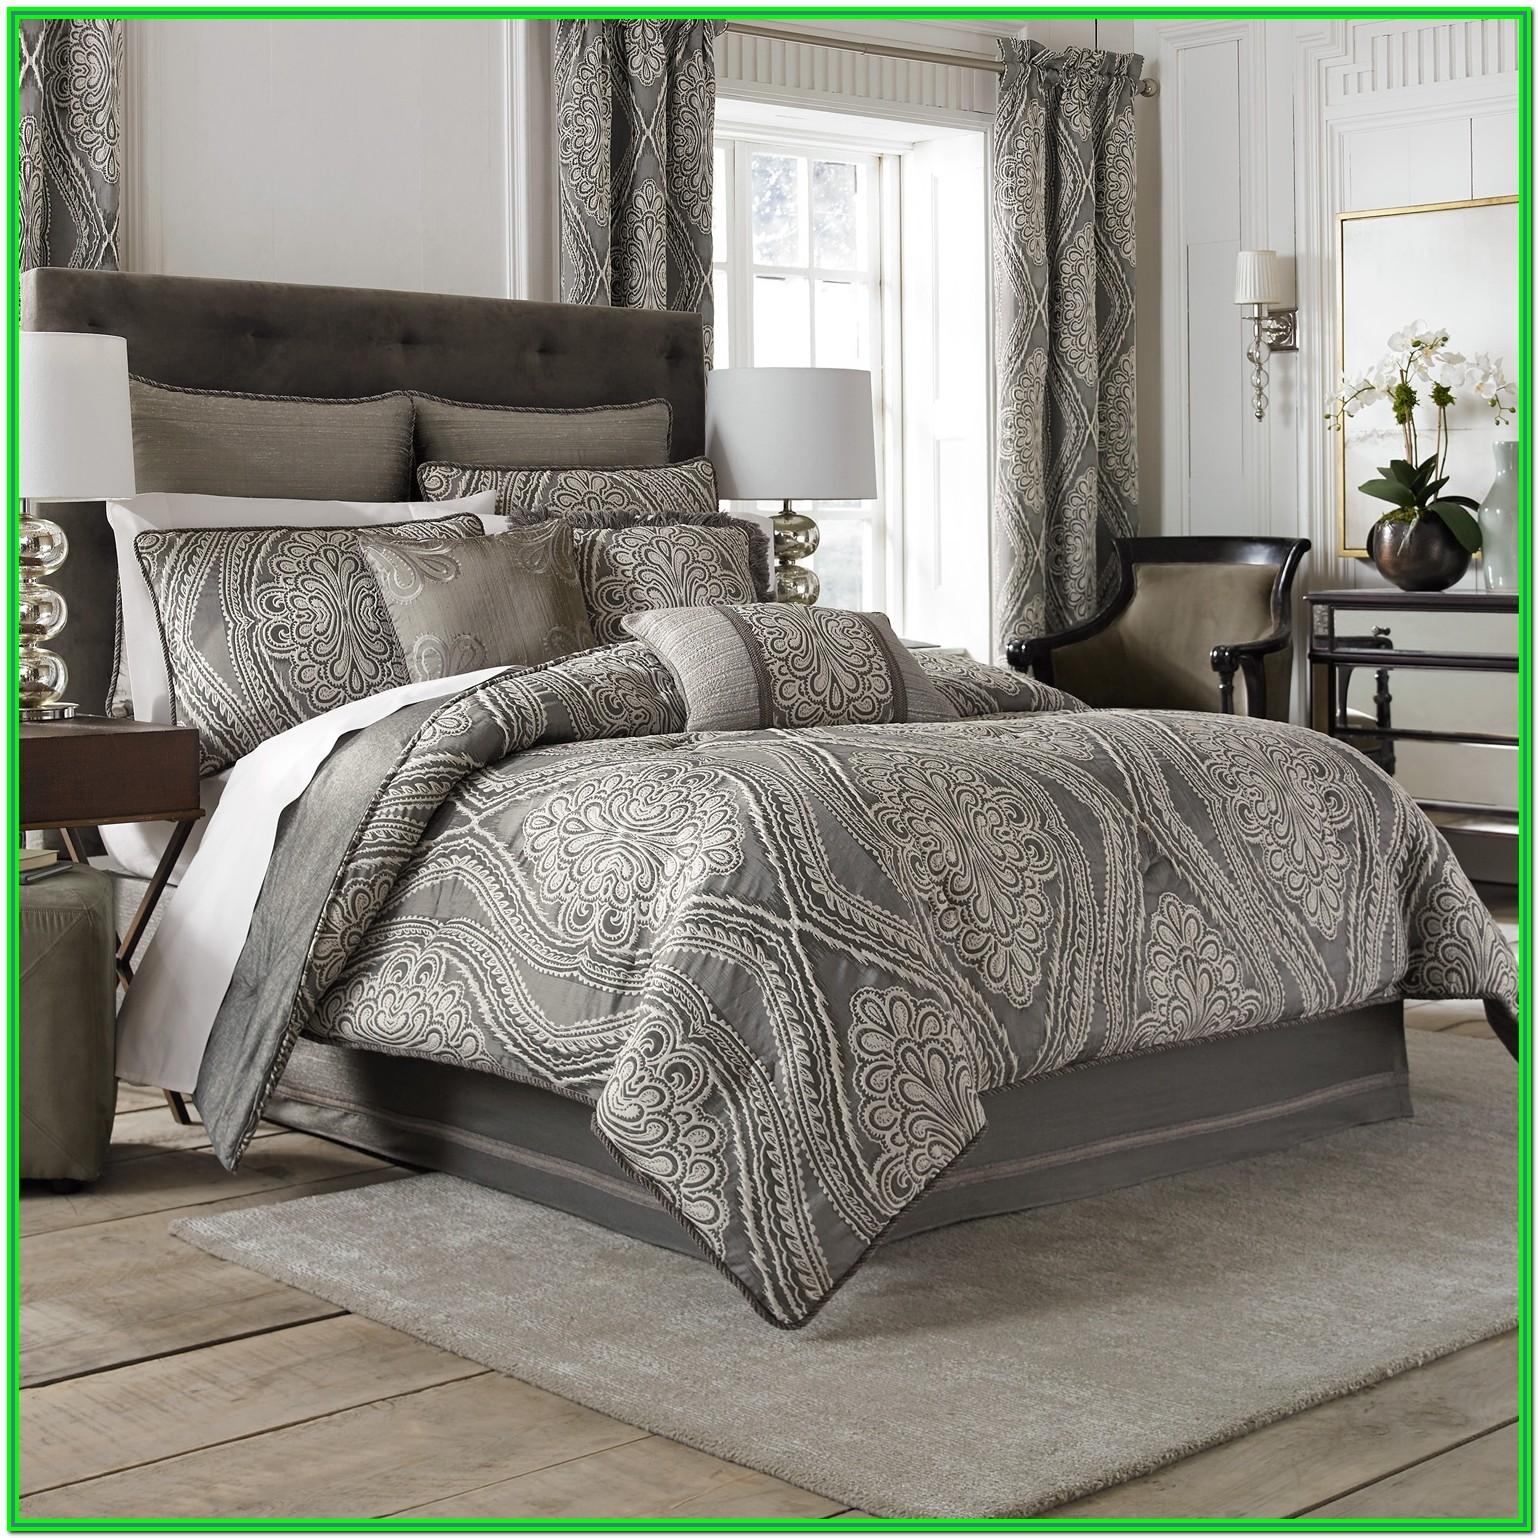 Full Size Bedding Sets Target